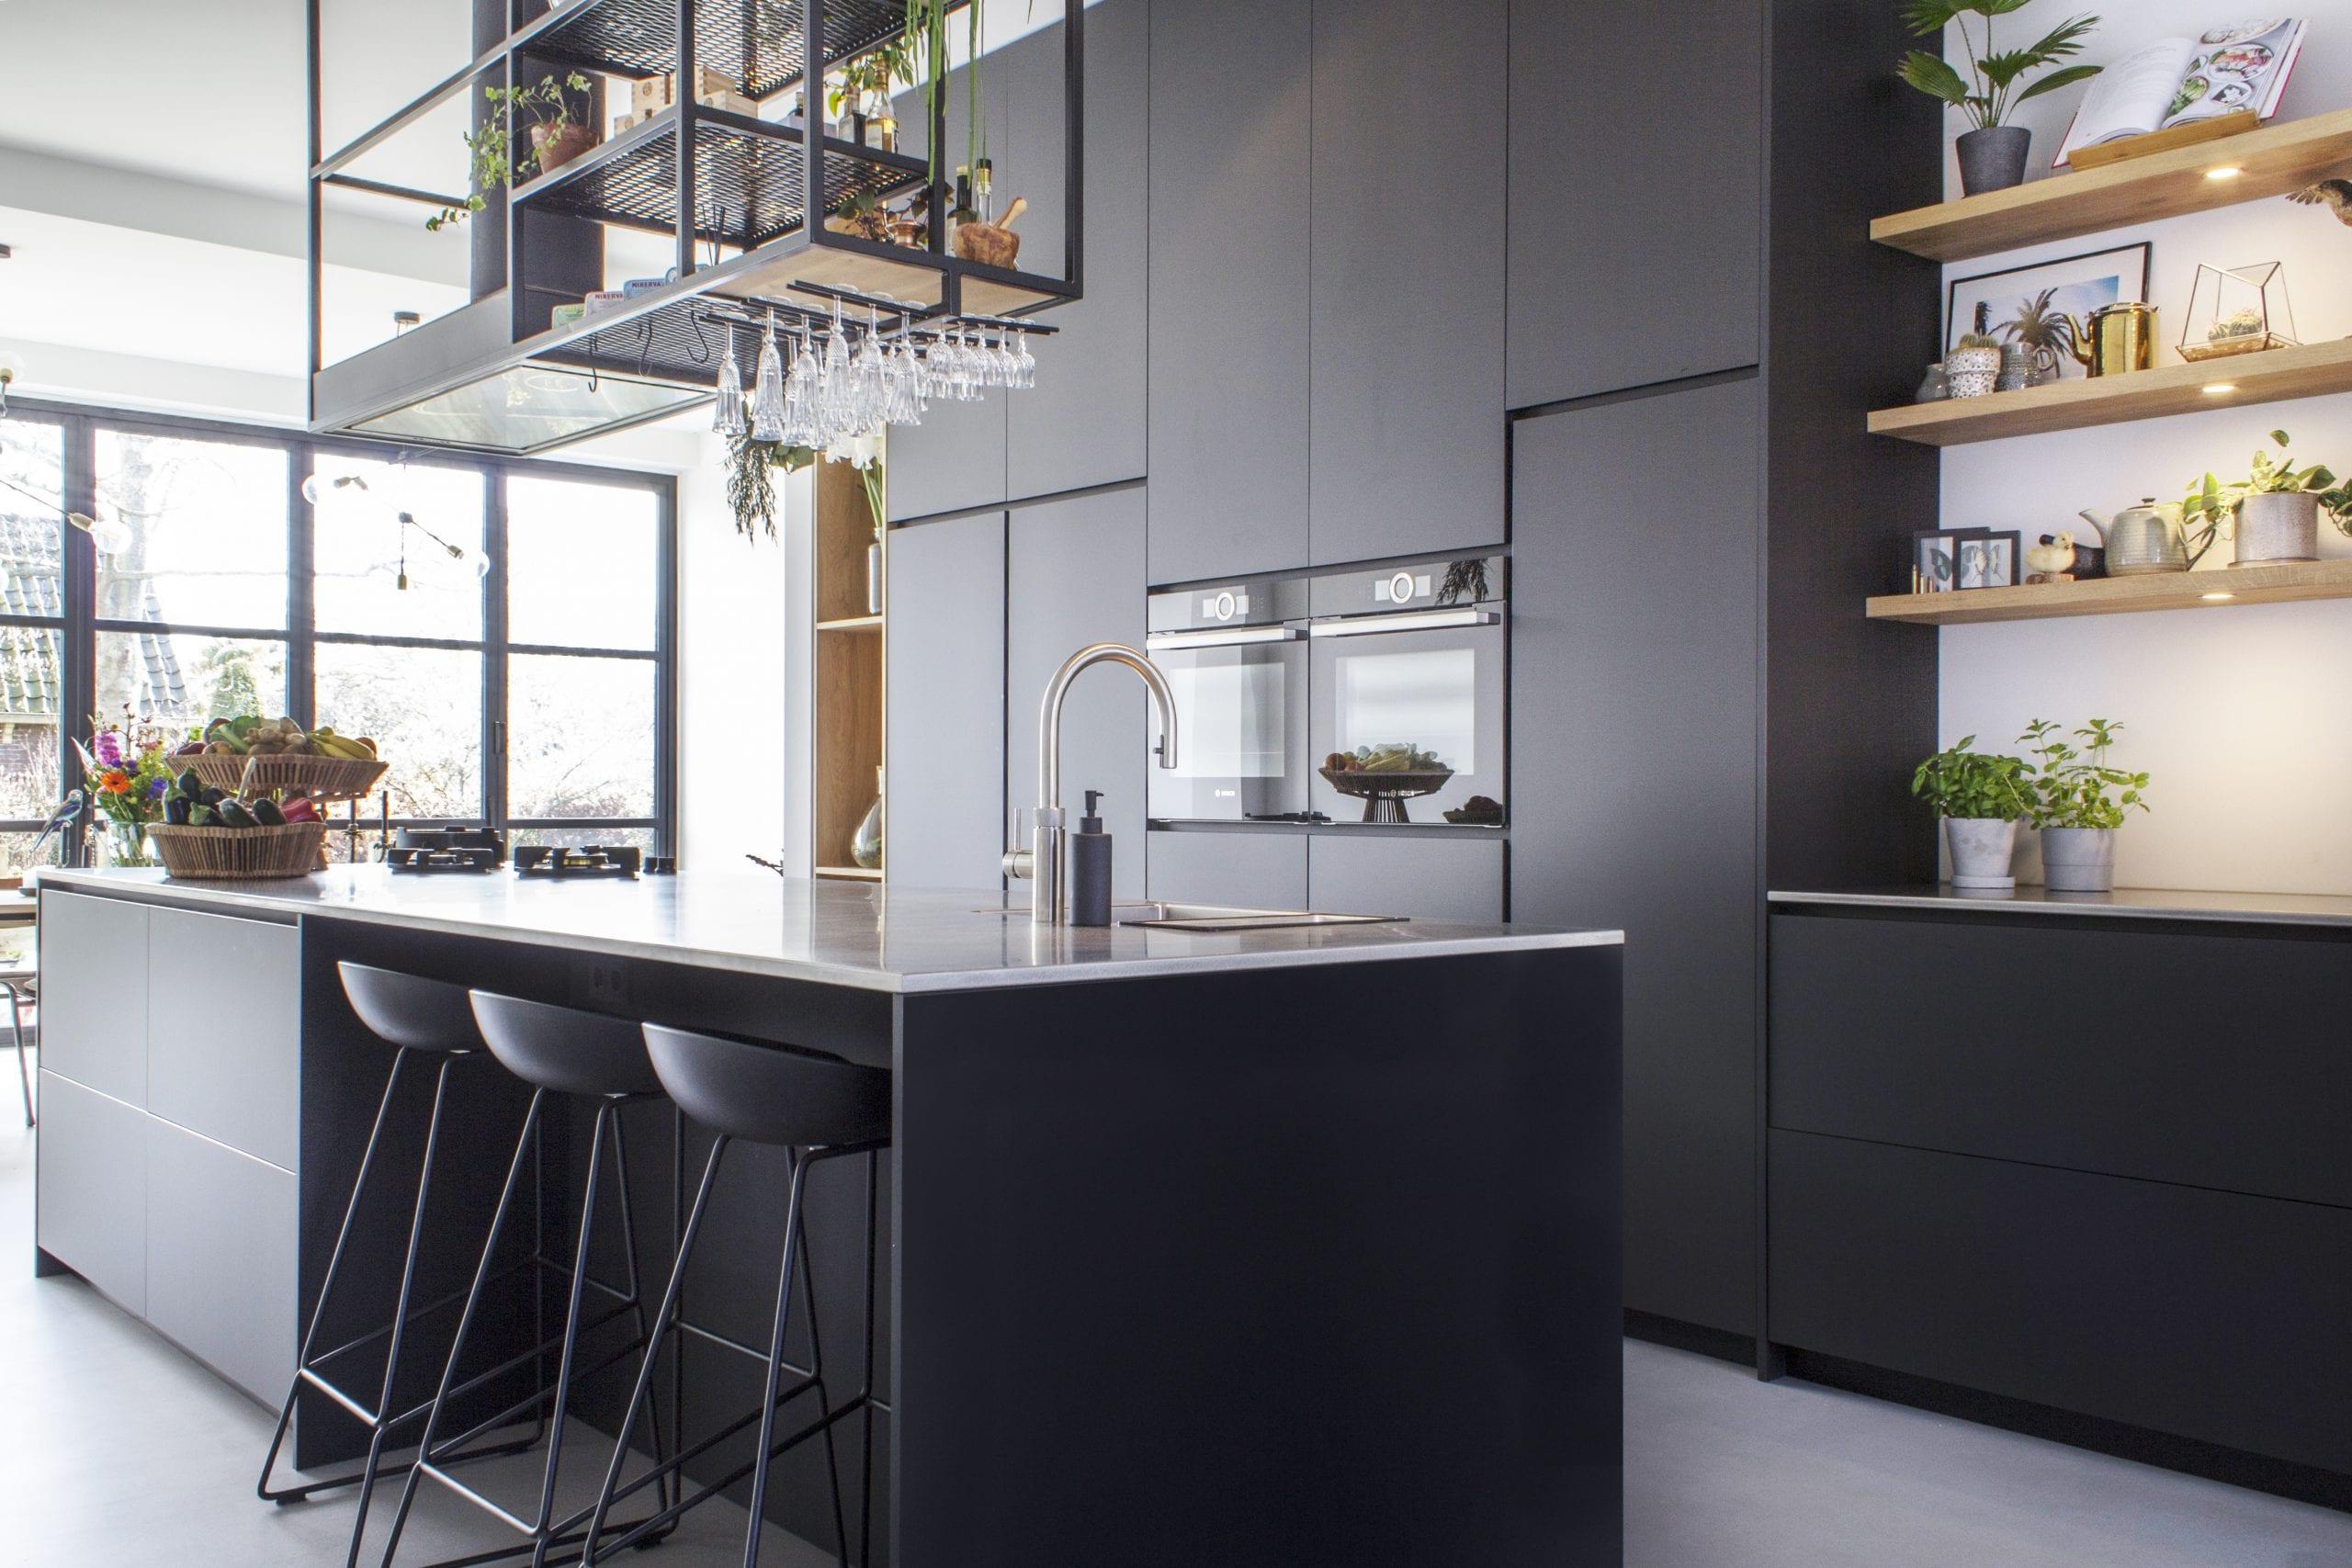 Moderne Keuken Van Mat Zwart Arpa Fenix Houten Elementen Robert Tediek